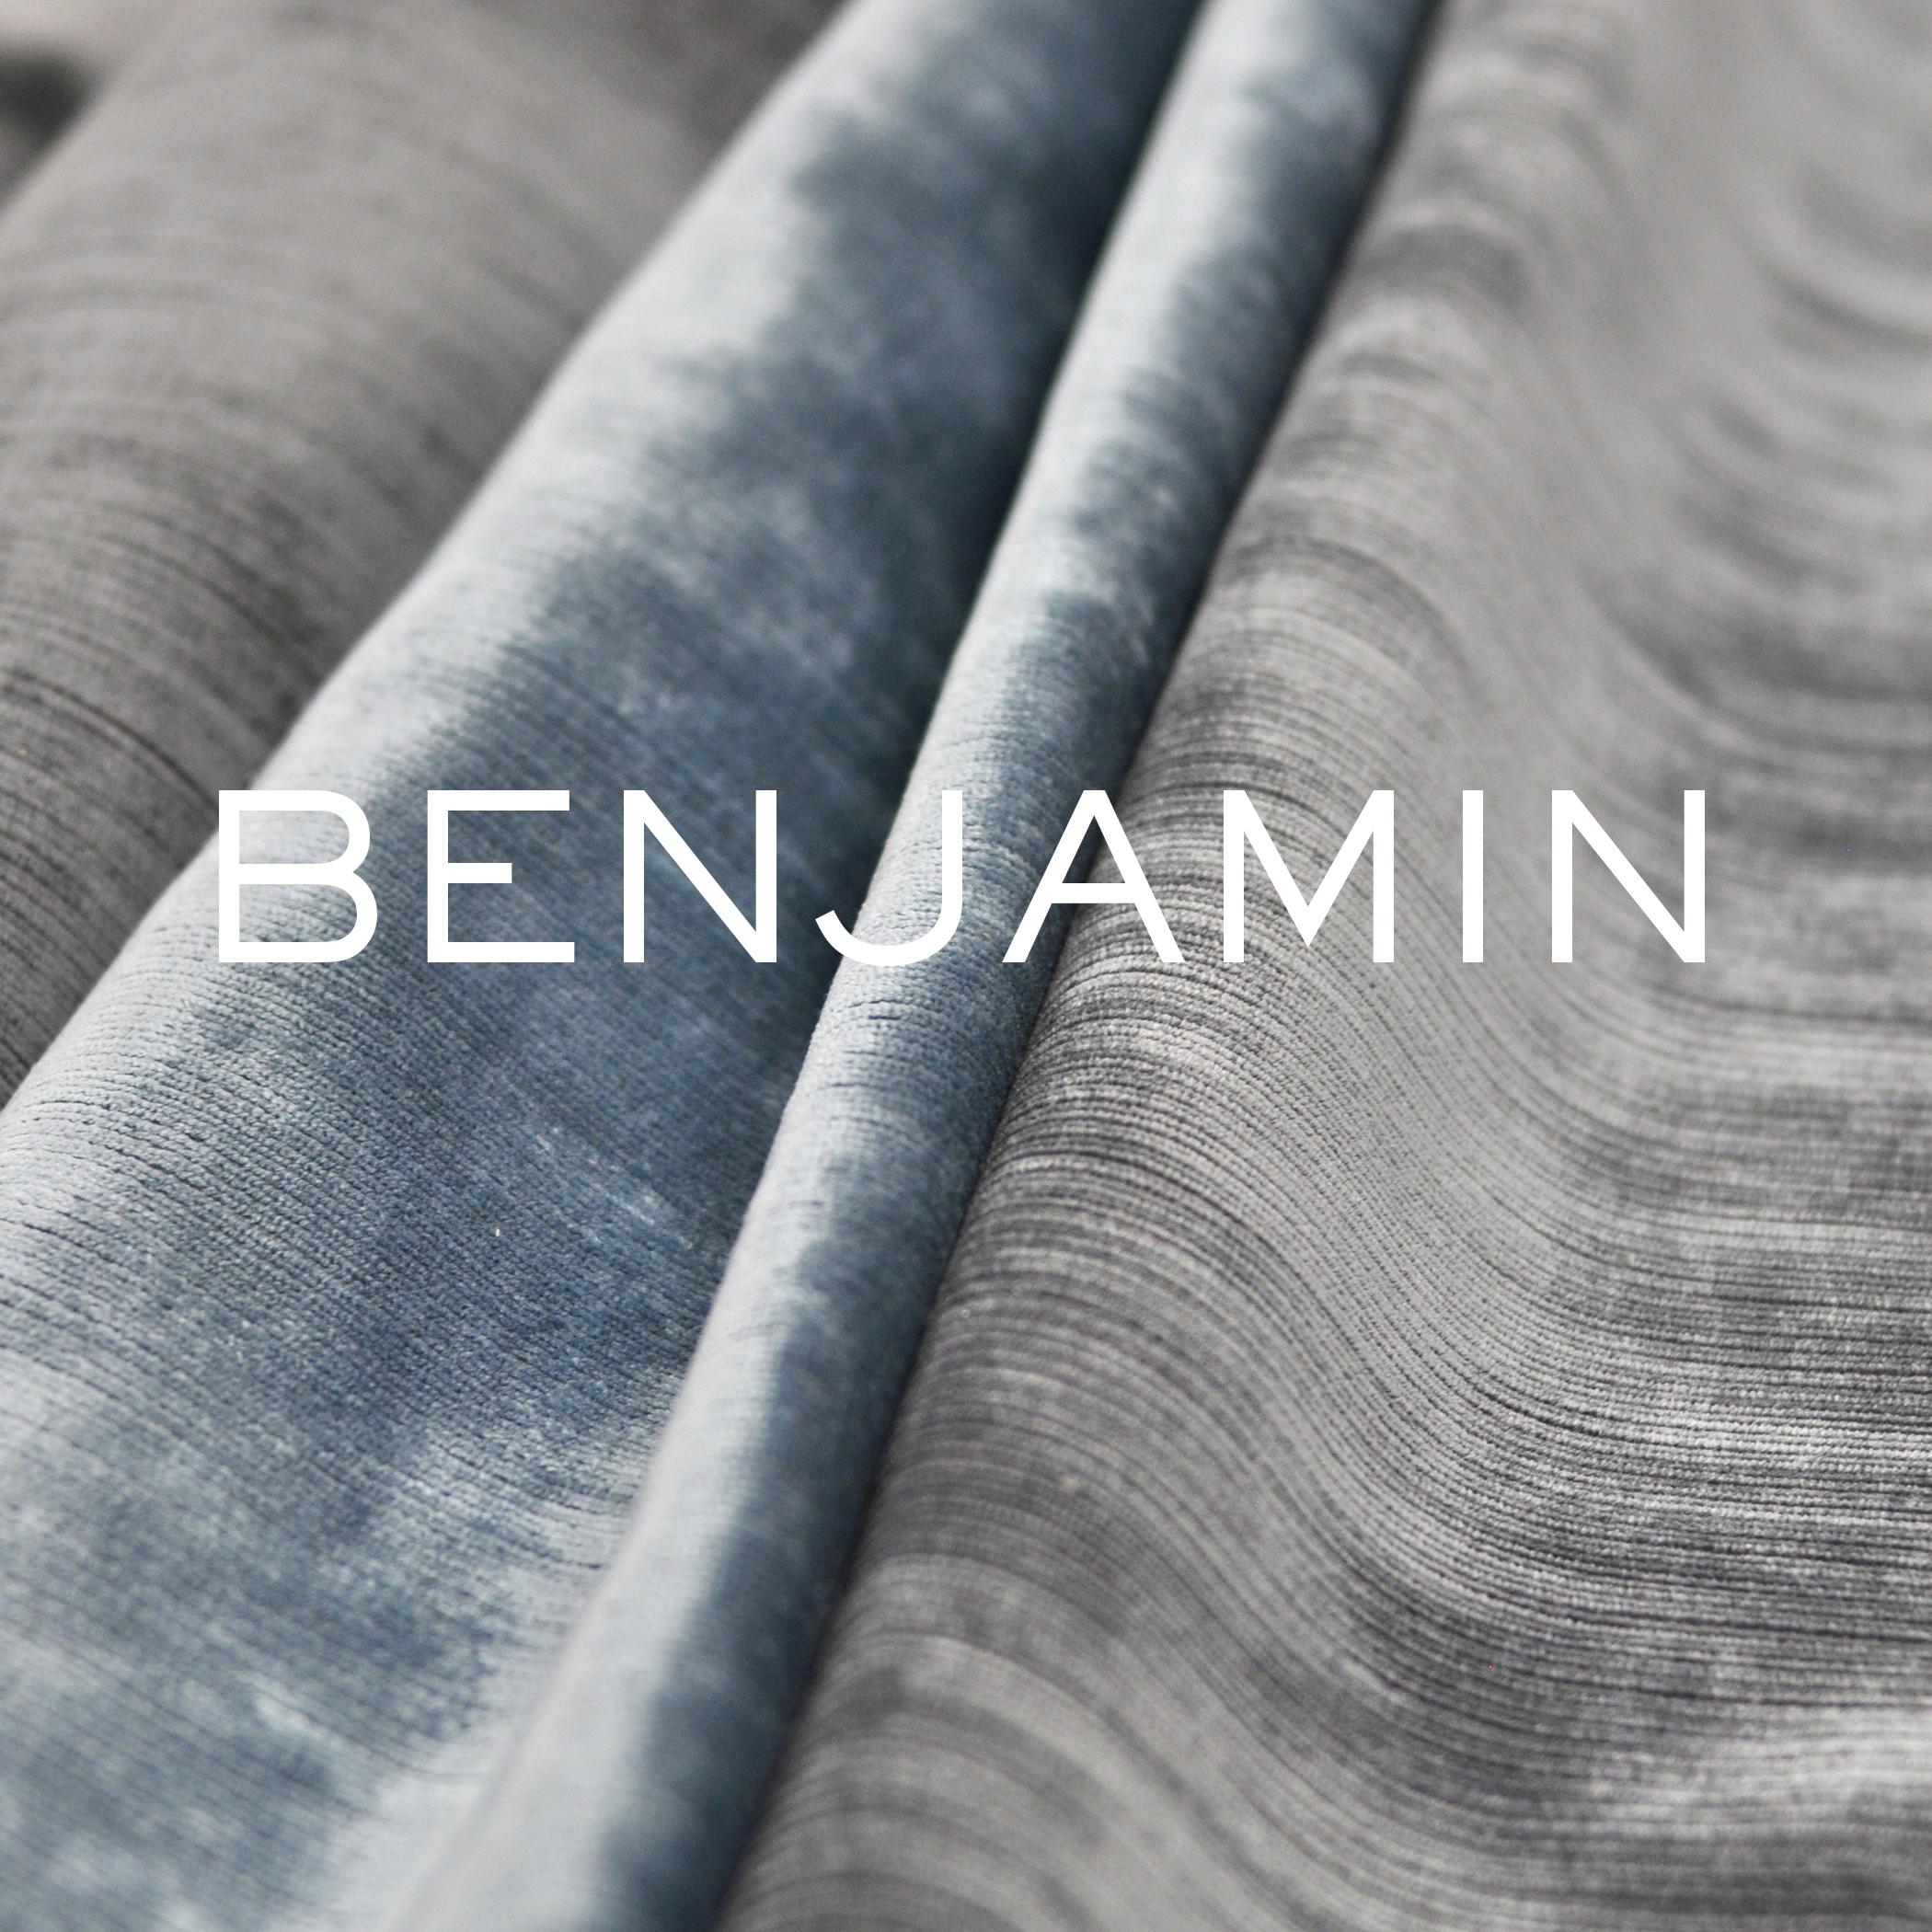 BENJAMIN square image copy.jpg